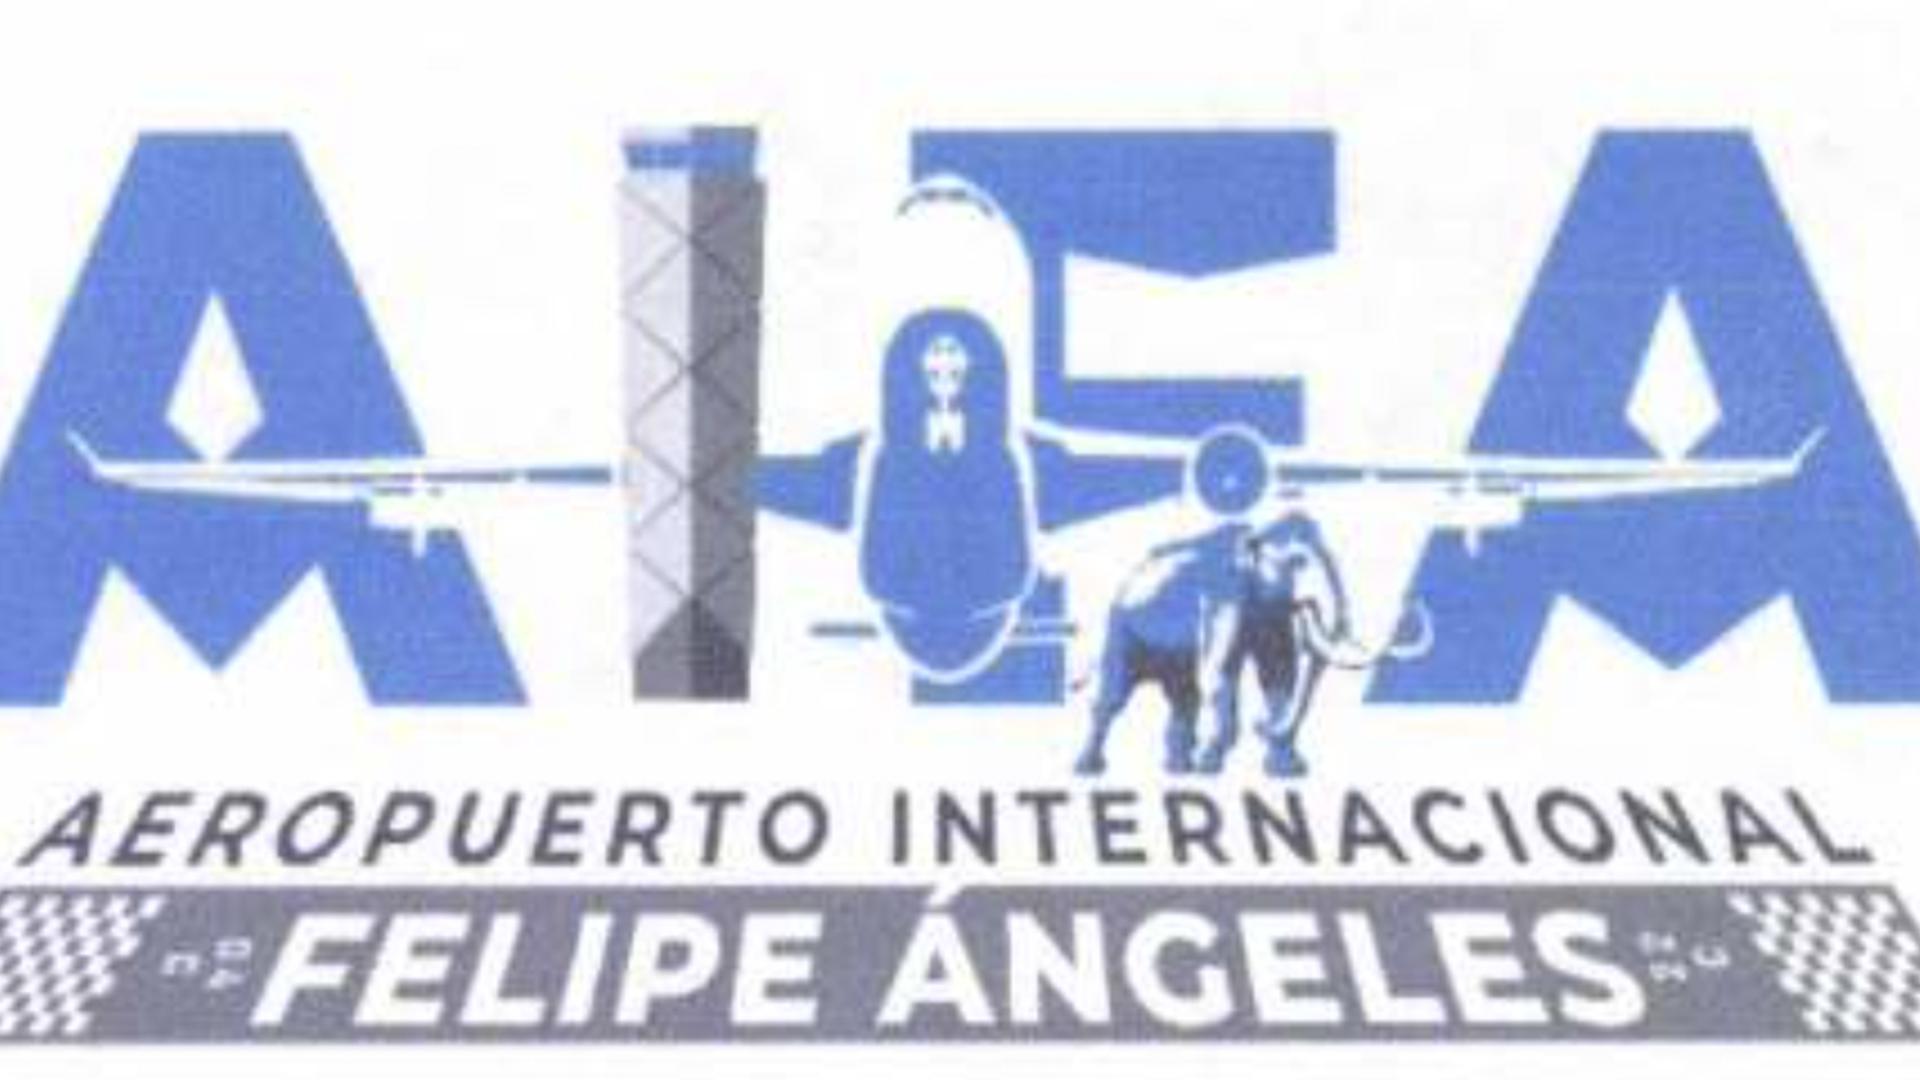 El Logo del Aeropuerto Internacional Felipe Ángeles registrado ante el IMPI.